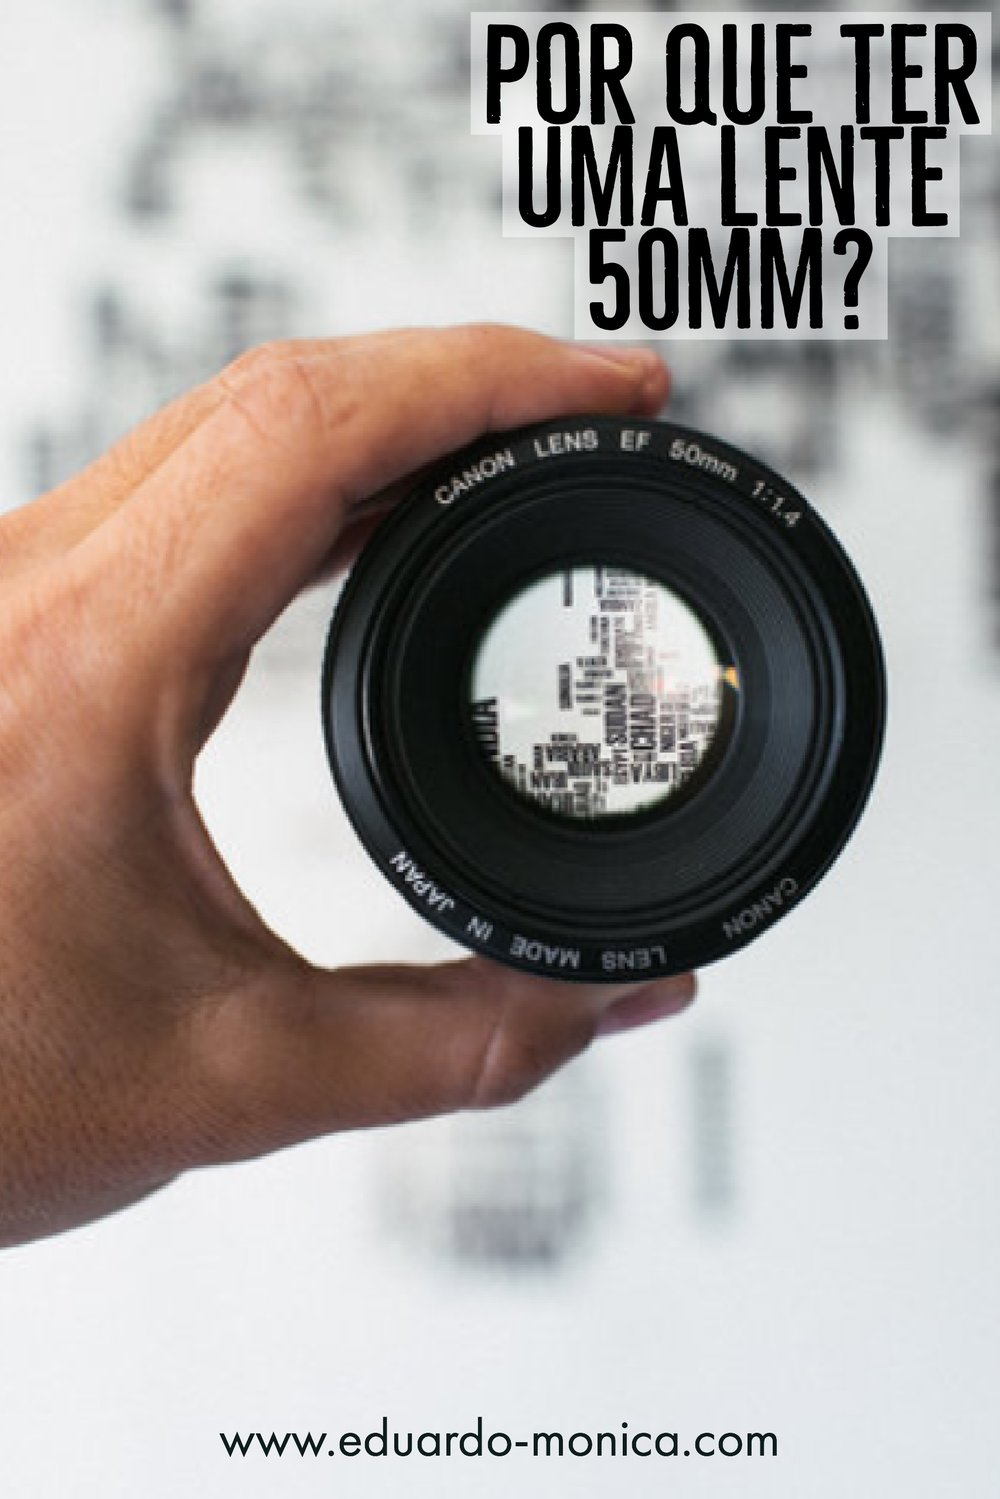 Por que ter uma lente 50mm?